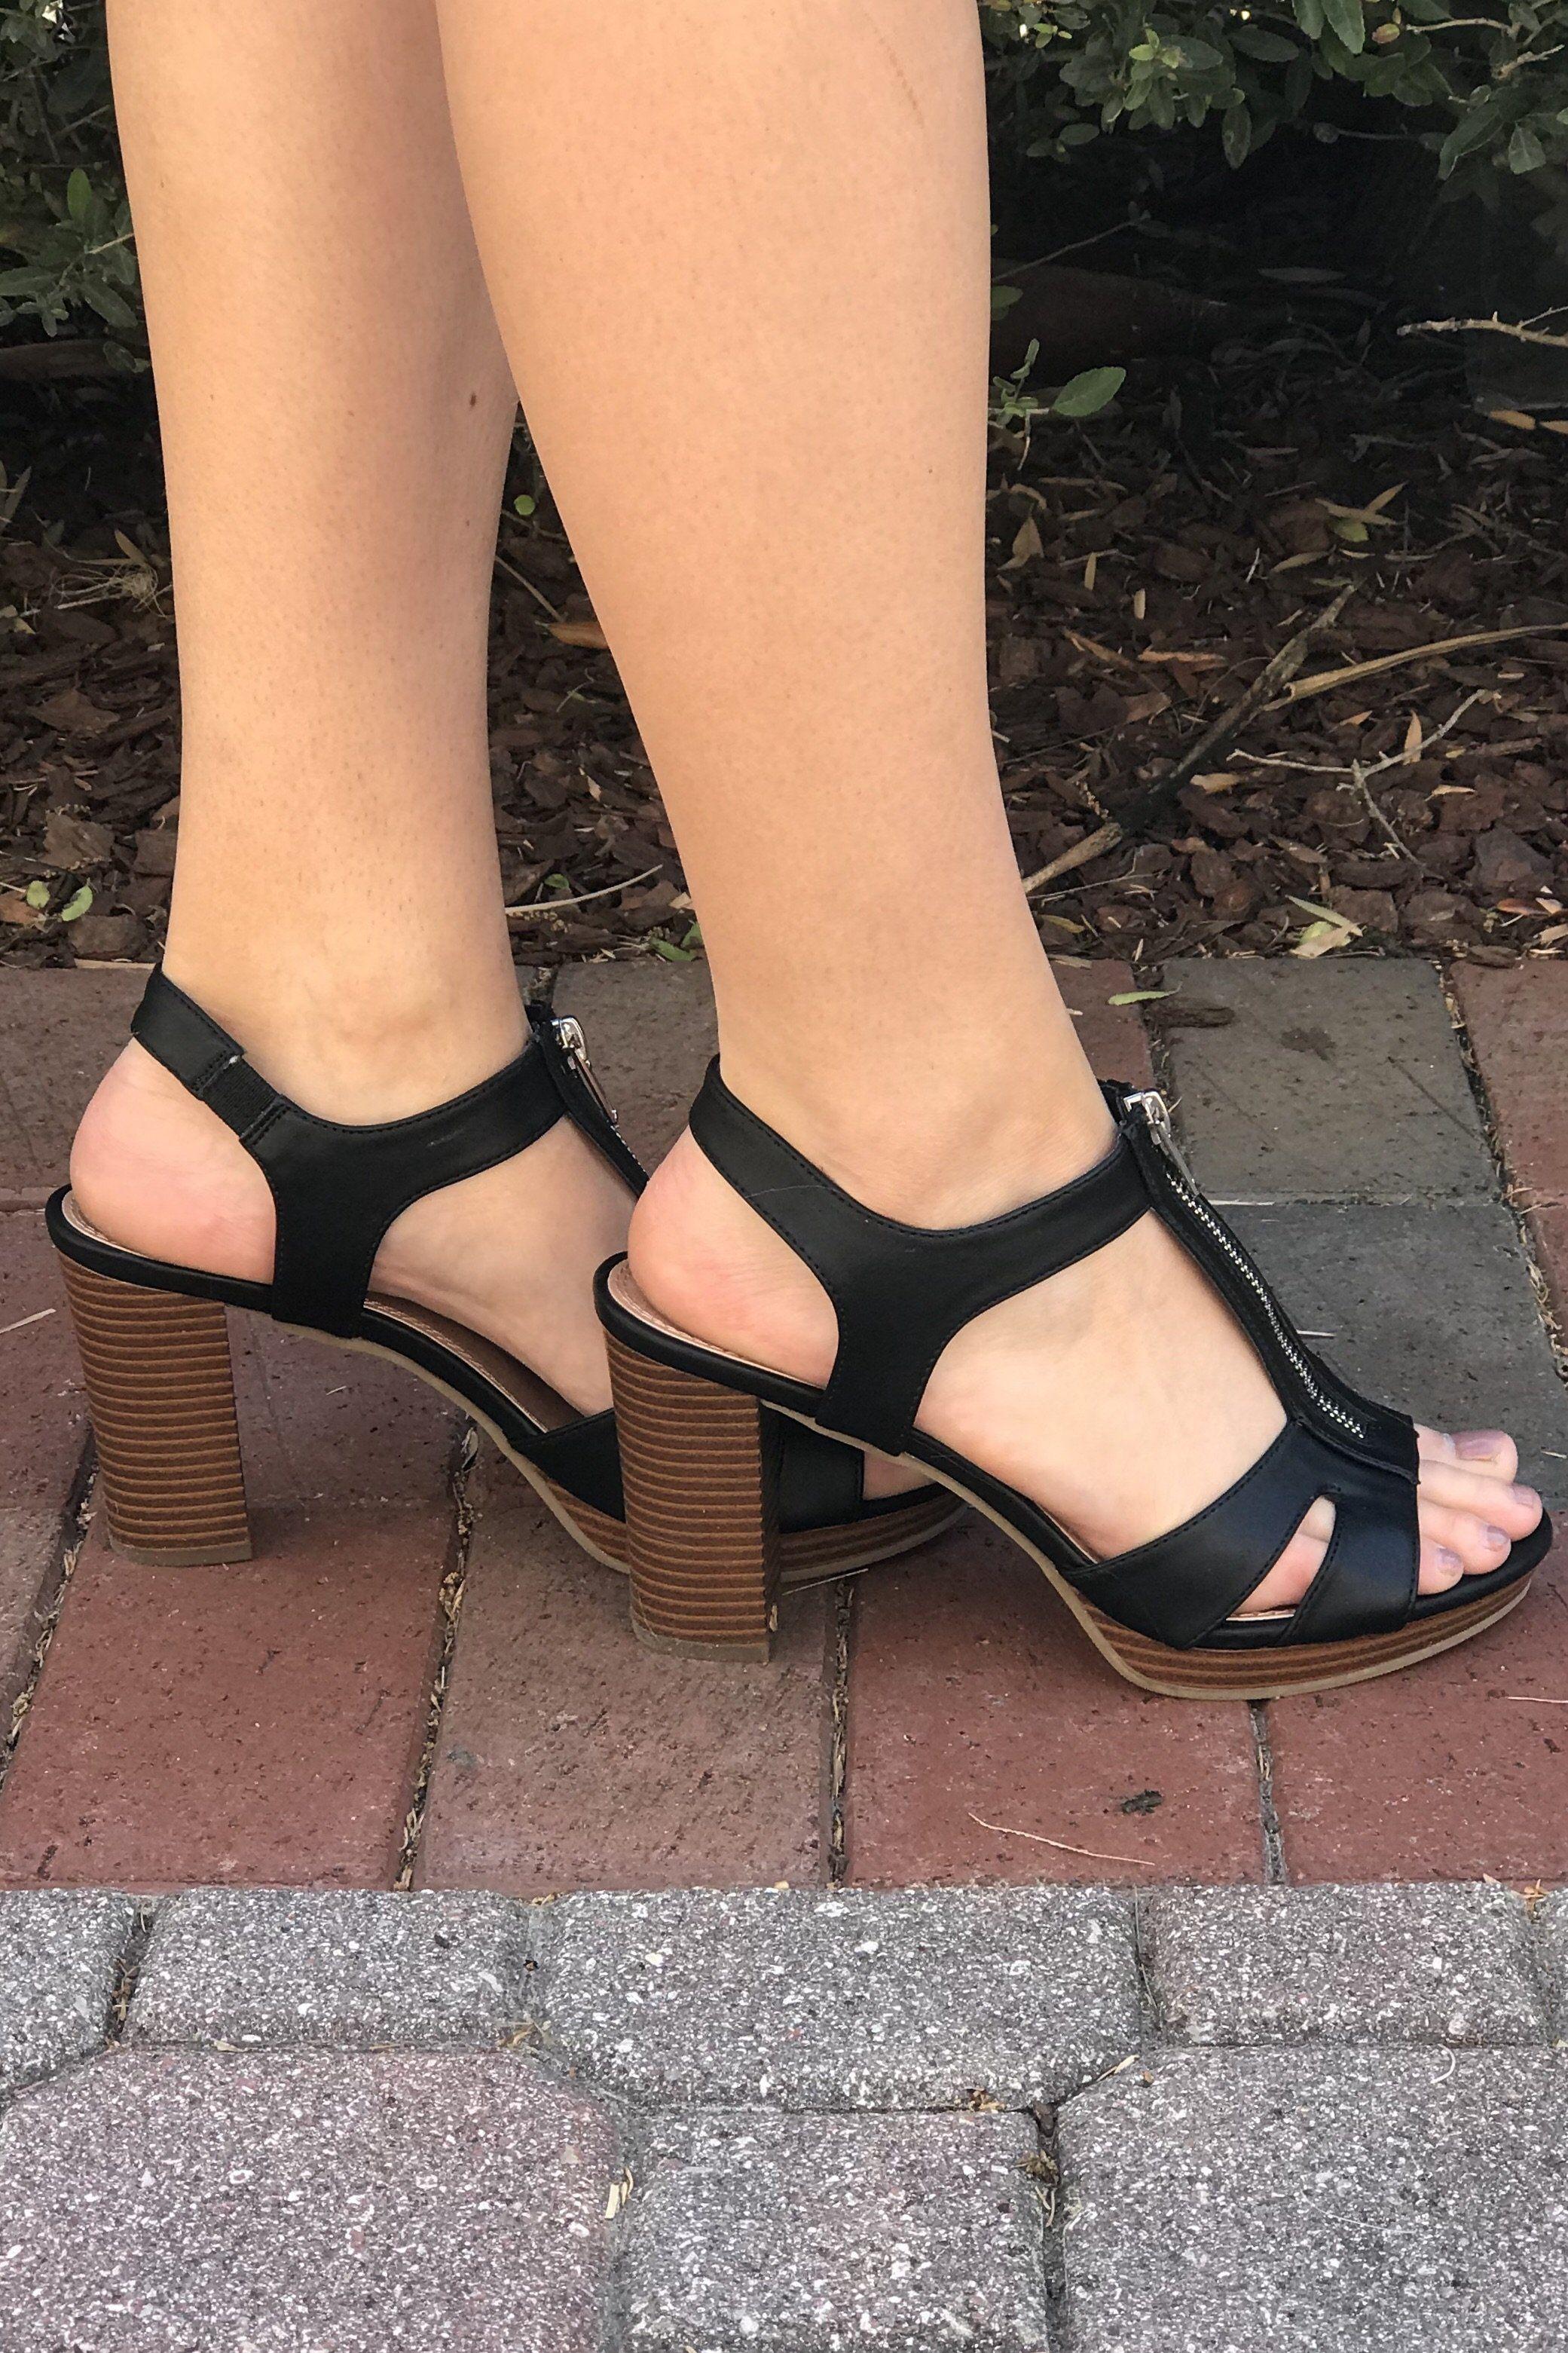 56de17cc894 Black open toe, open heel, block heel shoe with zipper on top of ...